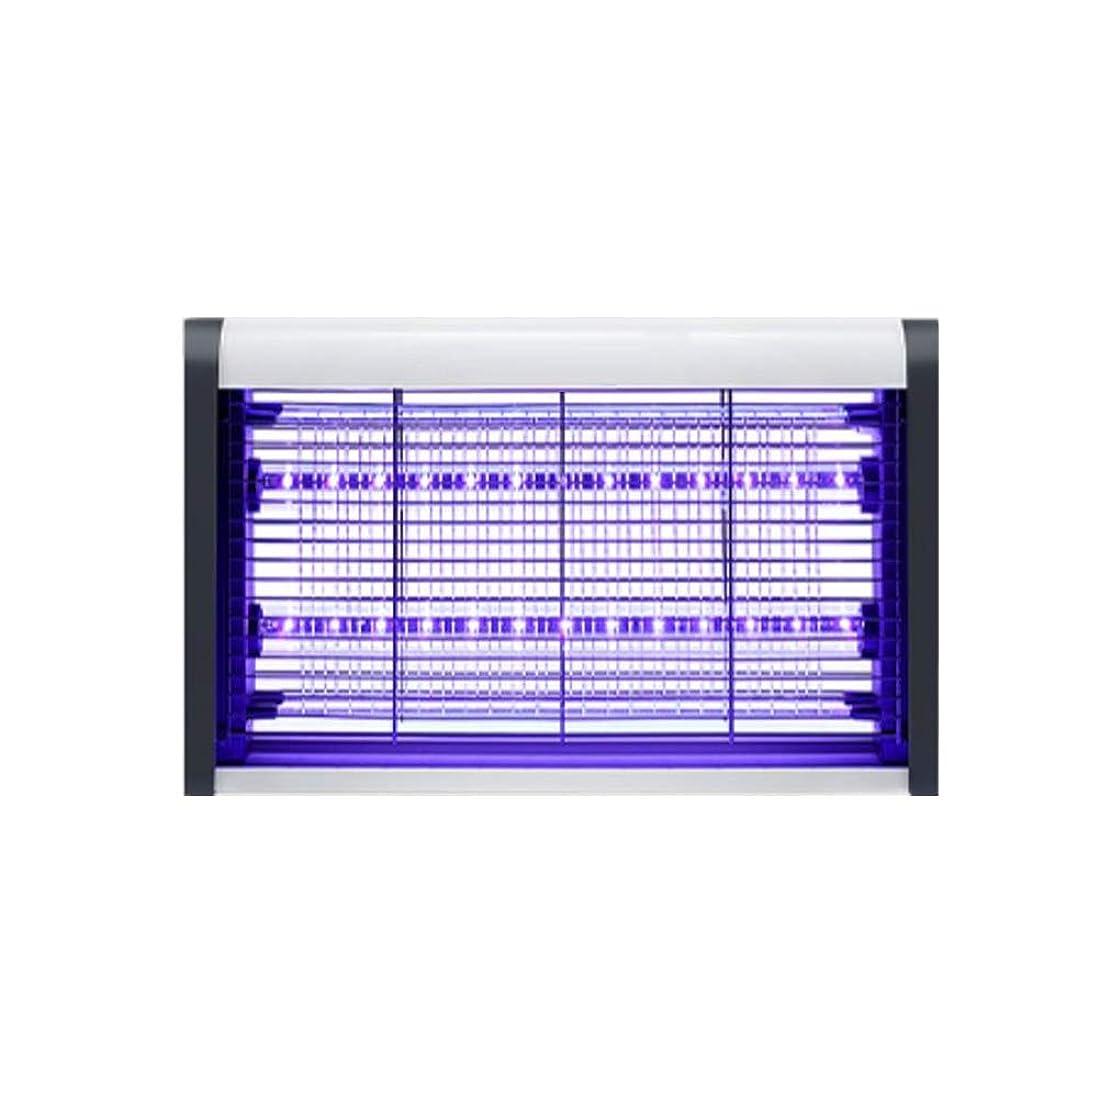 一月配偶者一口ZEMIN 蚊ランプ 電撃殺虫灯 誘虫灯 フライト ラップ 丈夫 物理的な蚊の殺害 健康 騒音無し 光波、 4サイズ (サイズ さいず : 395MM-4W)